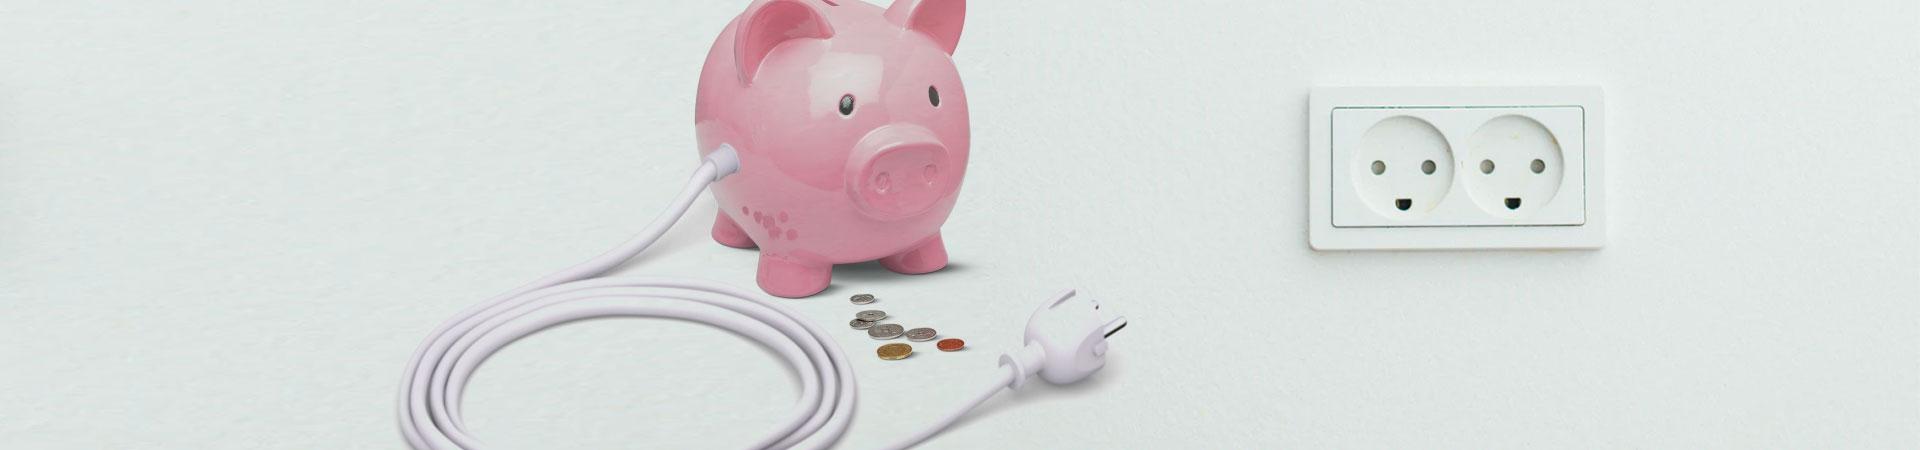 Desarrolla tu proyecto de digitalización mediante las subvenciones institucionales